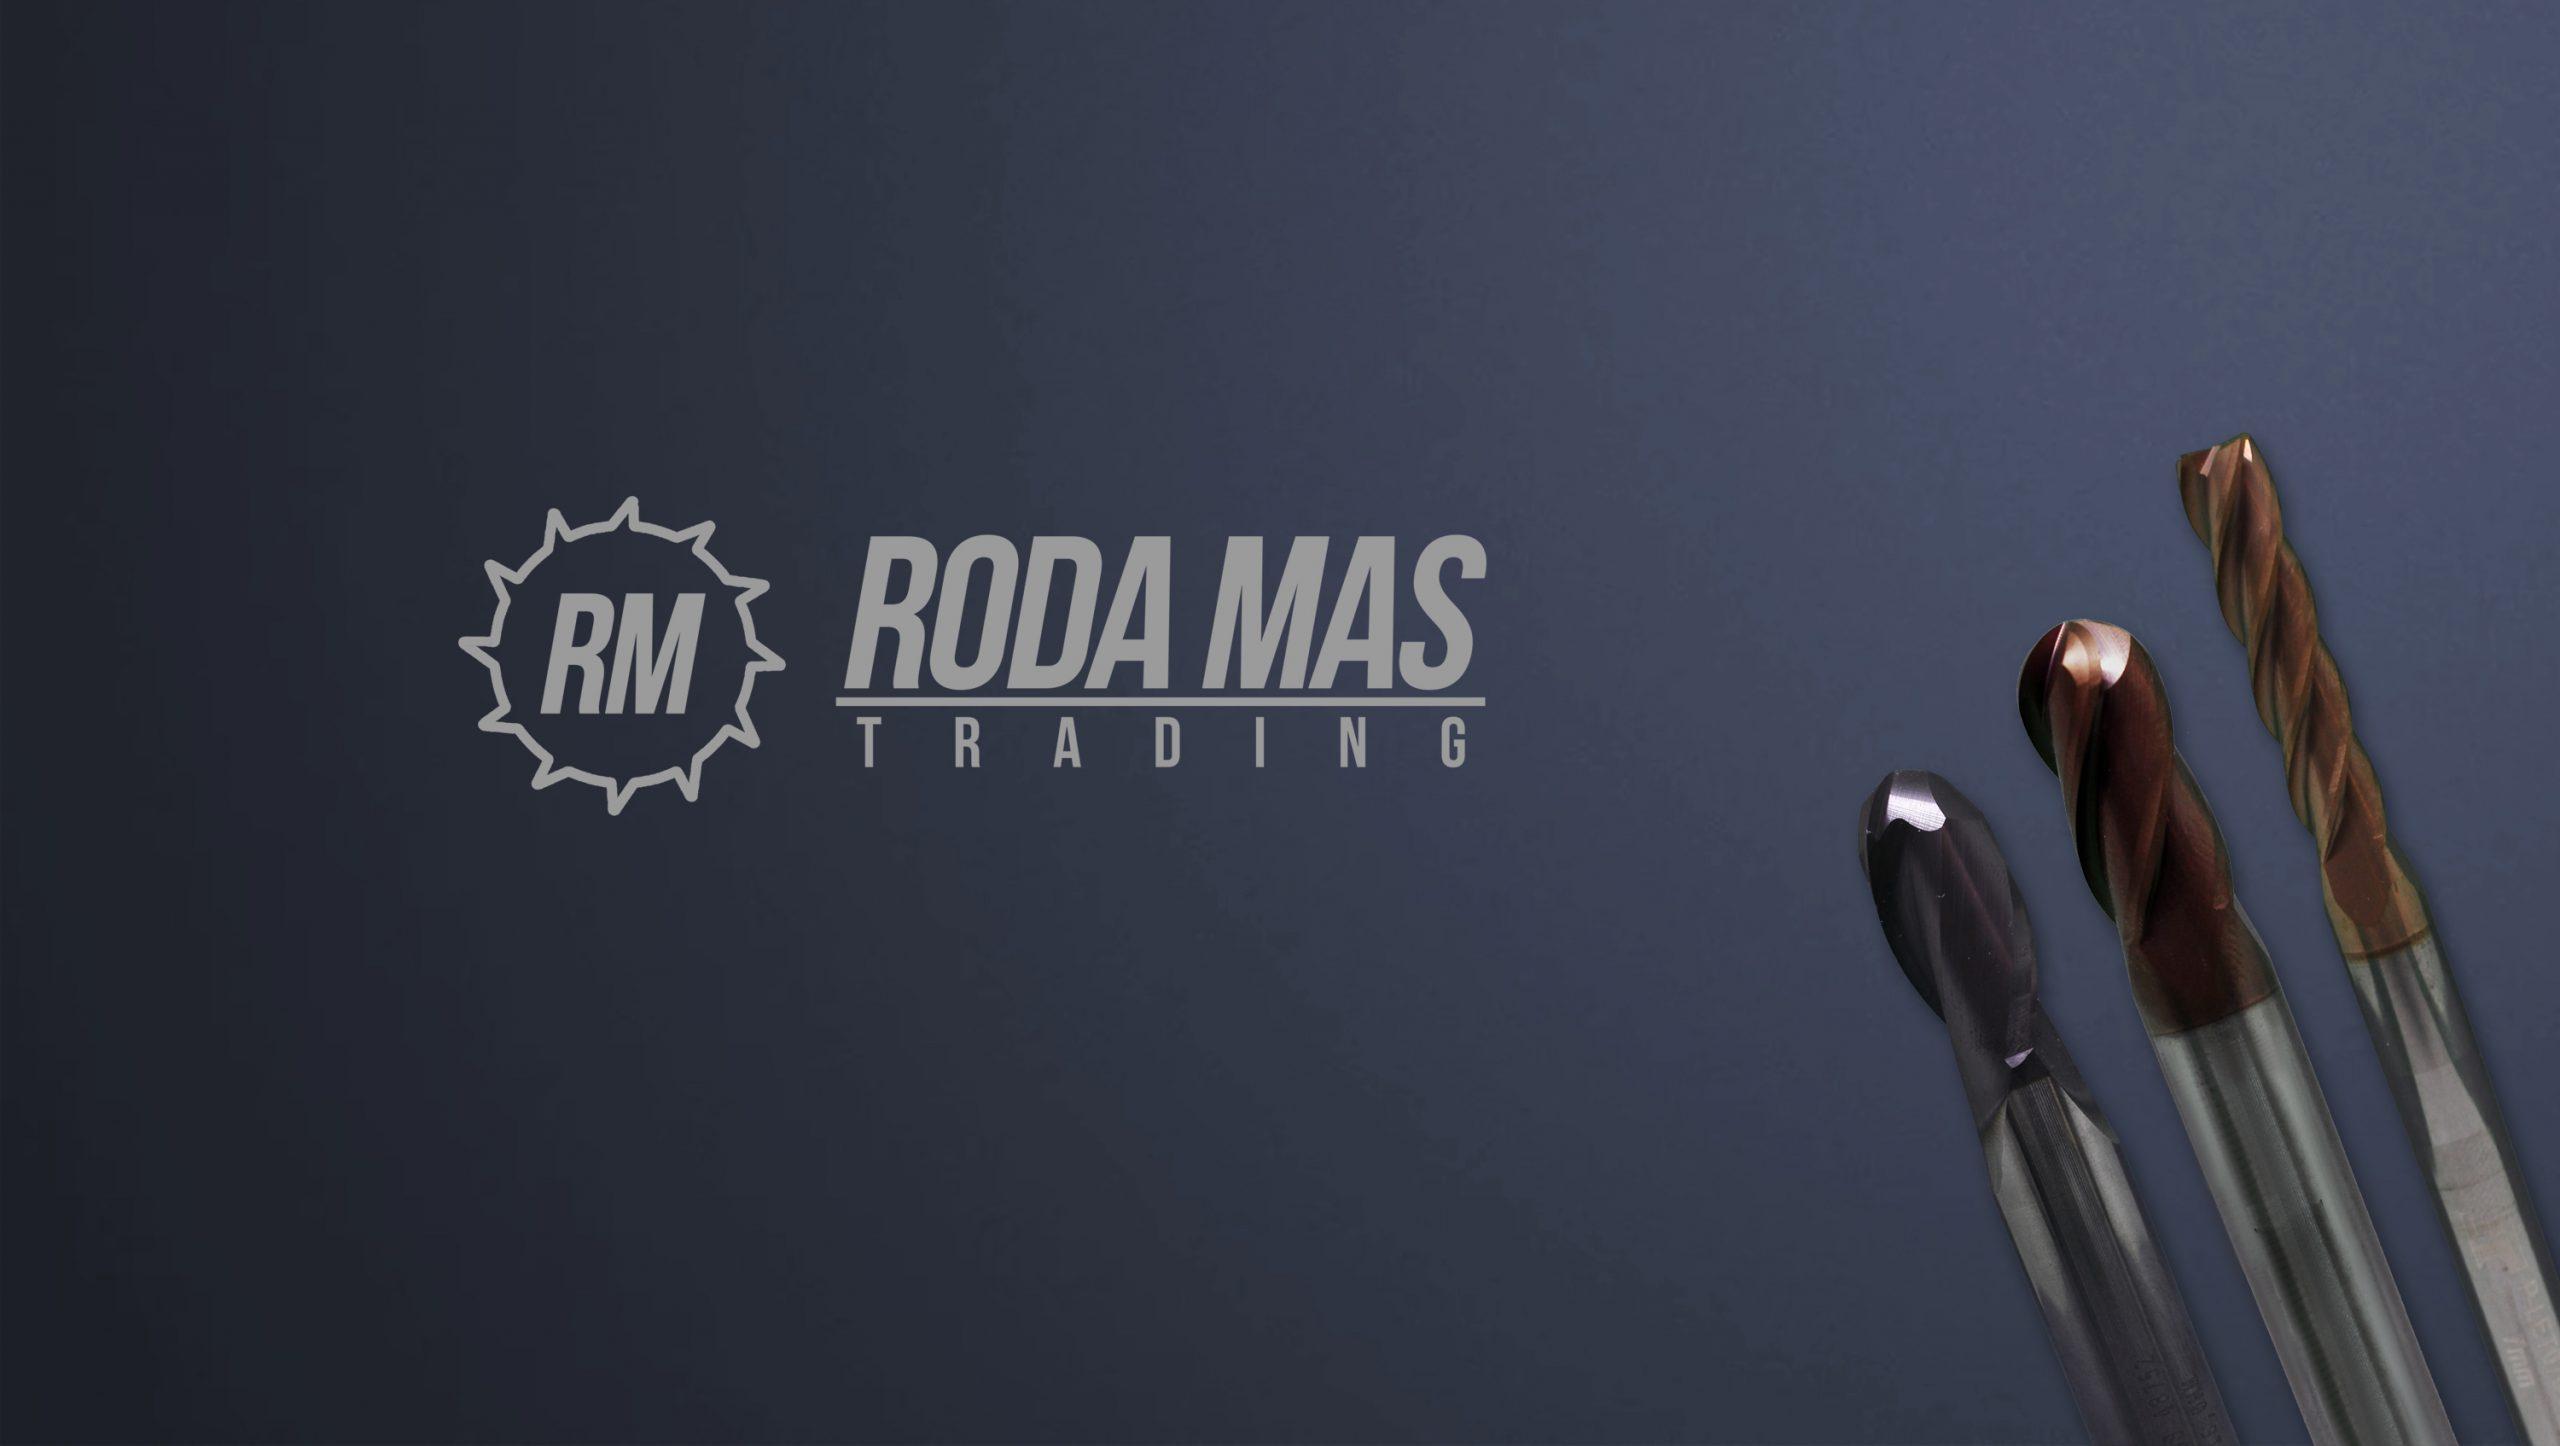 new background logo 2